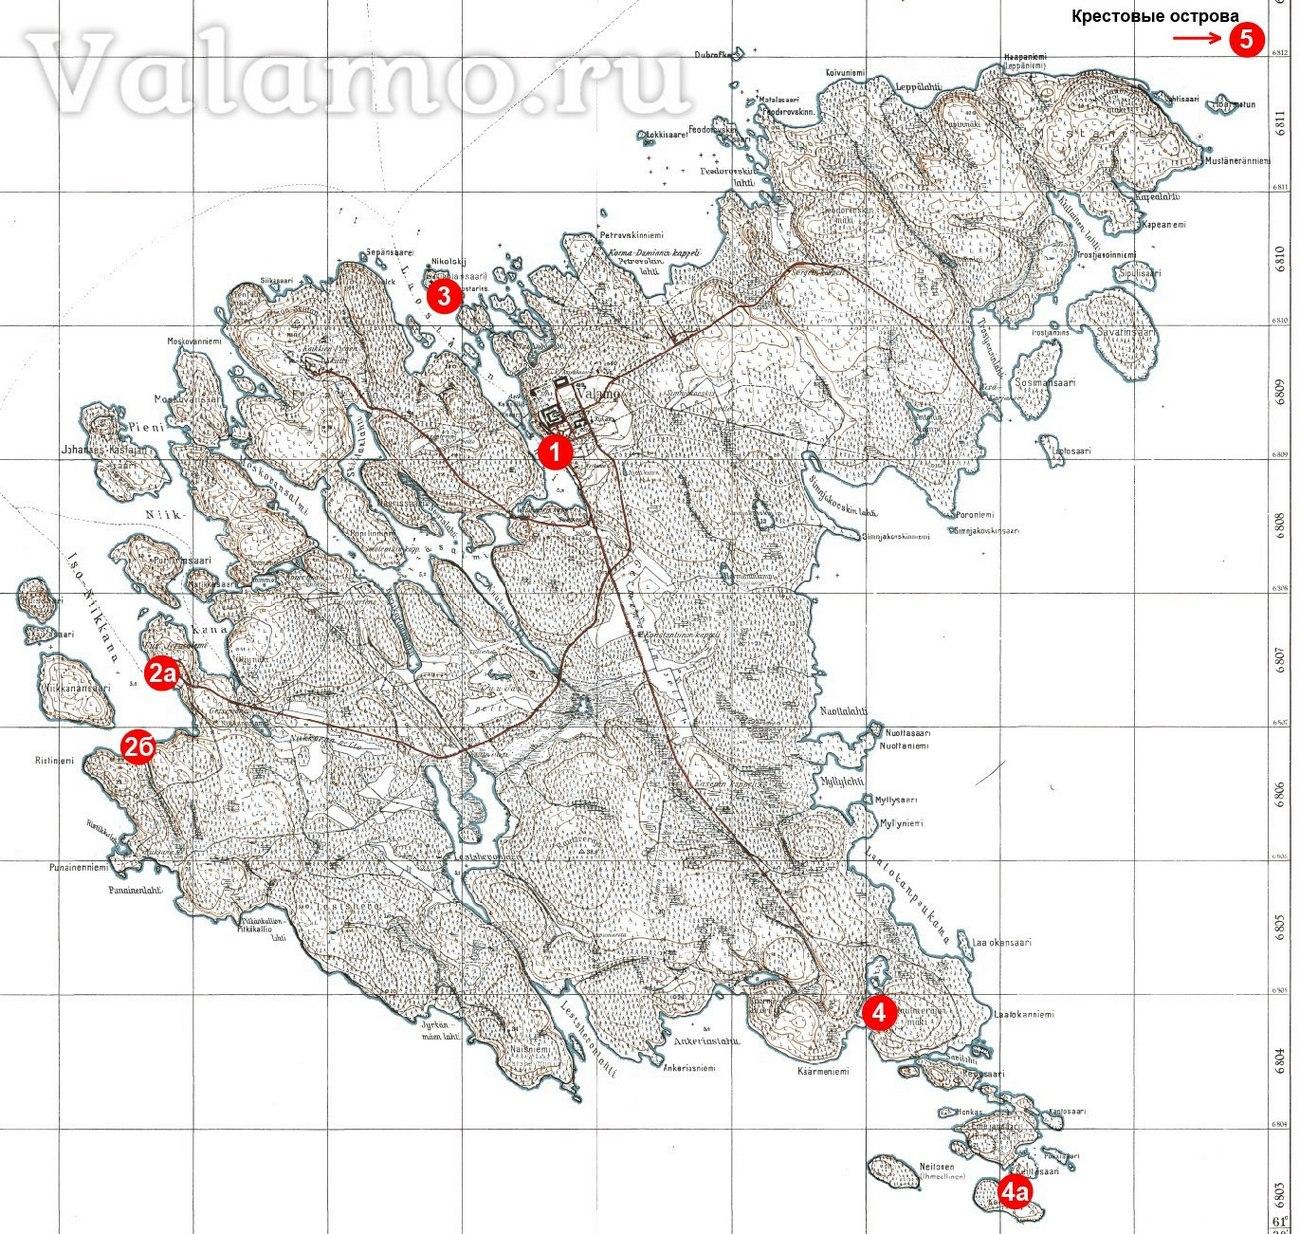 Карта финских военных причалов на Валааме времён Советской-Финской (Зимней) войны 1939-1940гг.